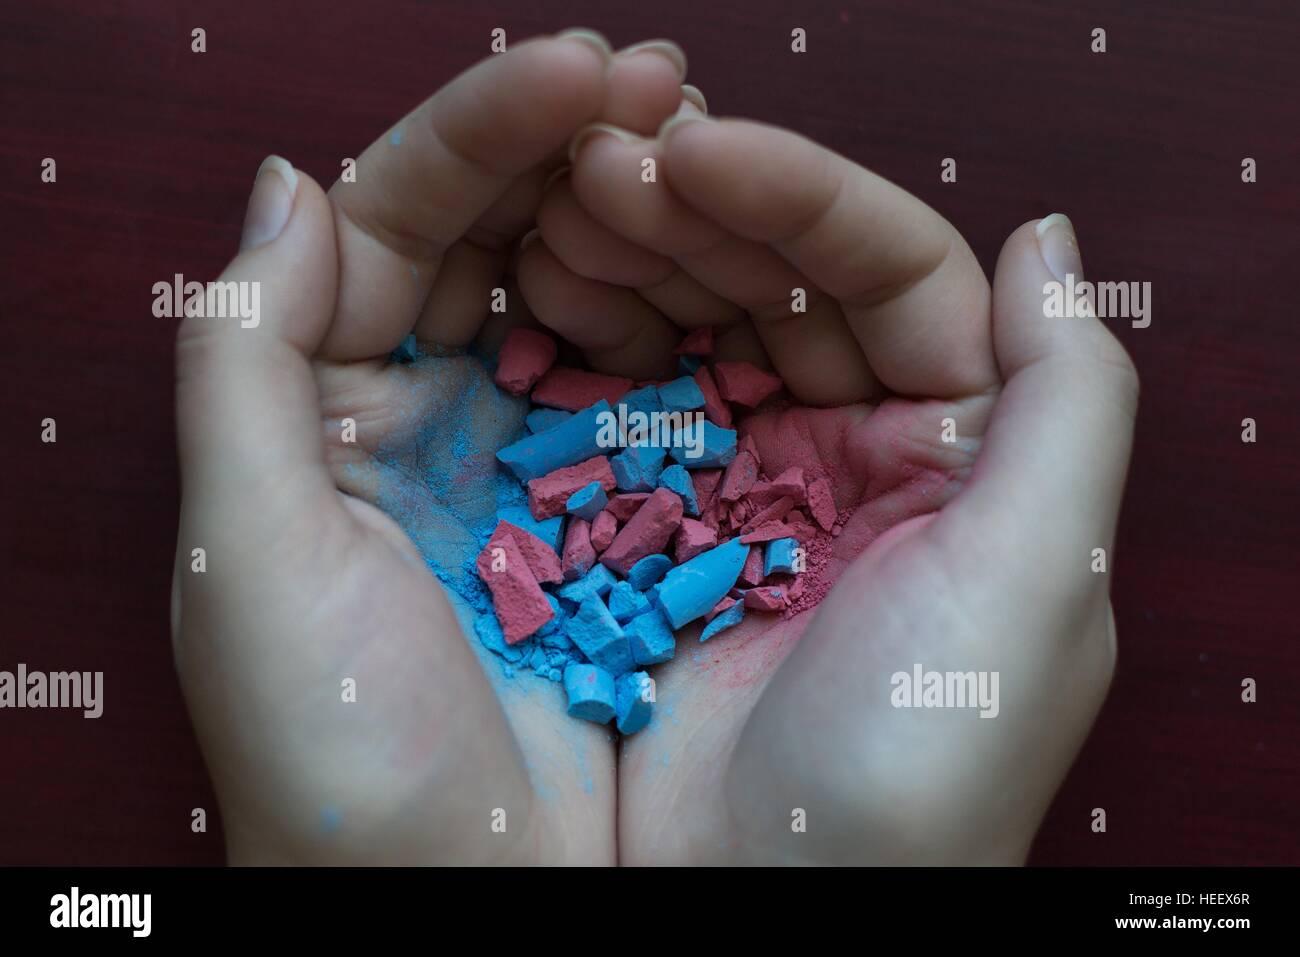 Mani a tazza tenendo entrambi i colori rosa e blu chalk, miscelati e sminuzzato insieme. Immagini Stock